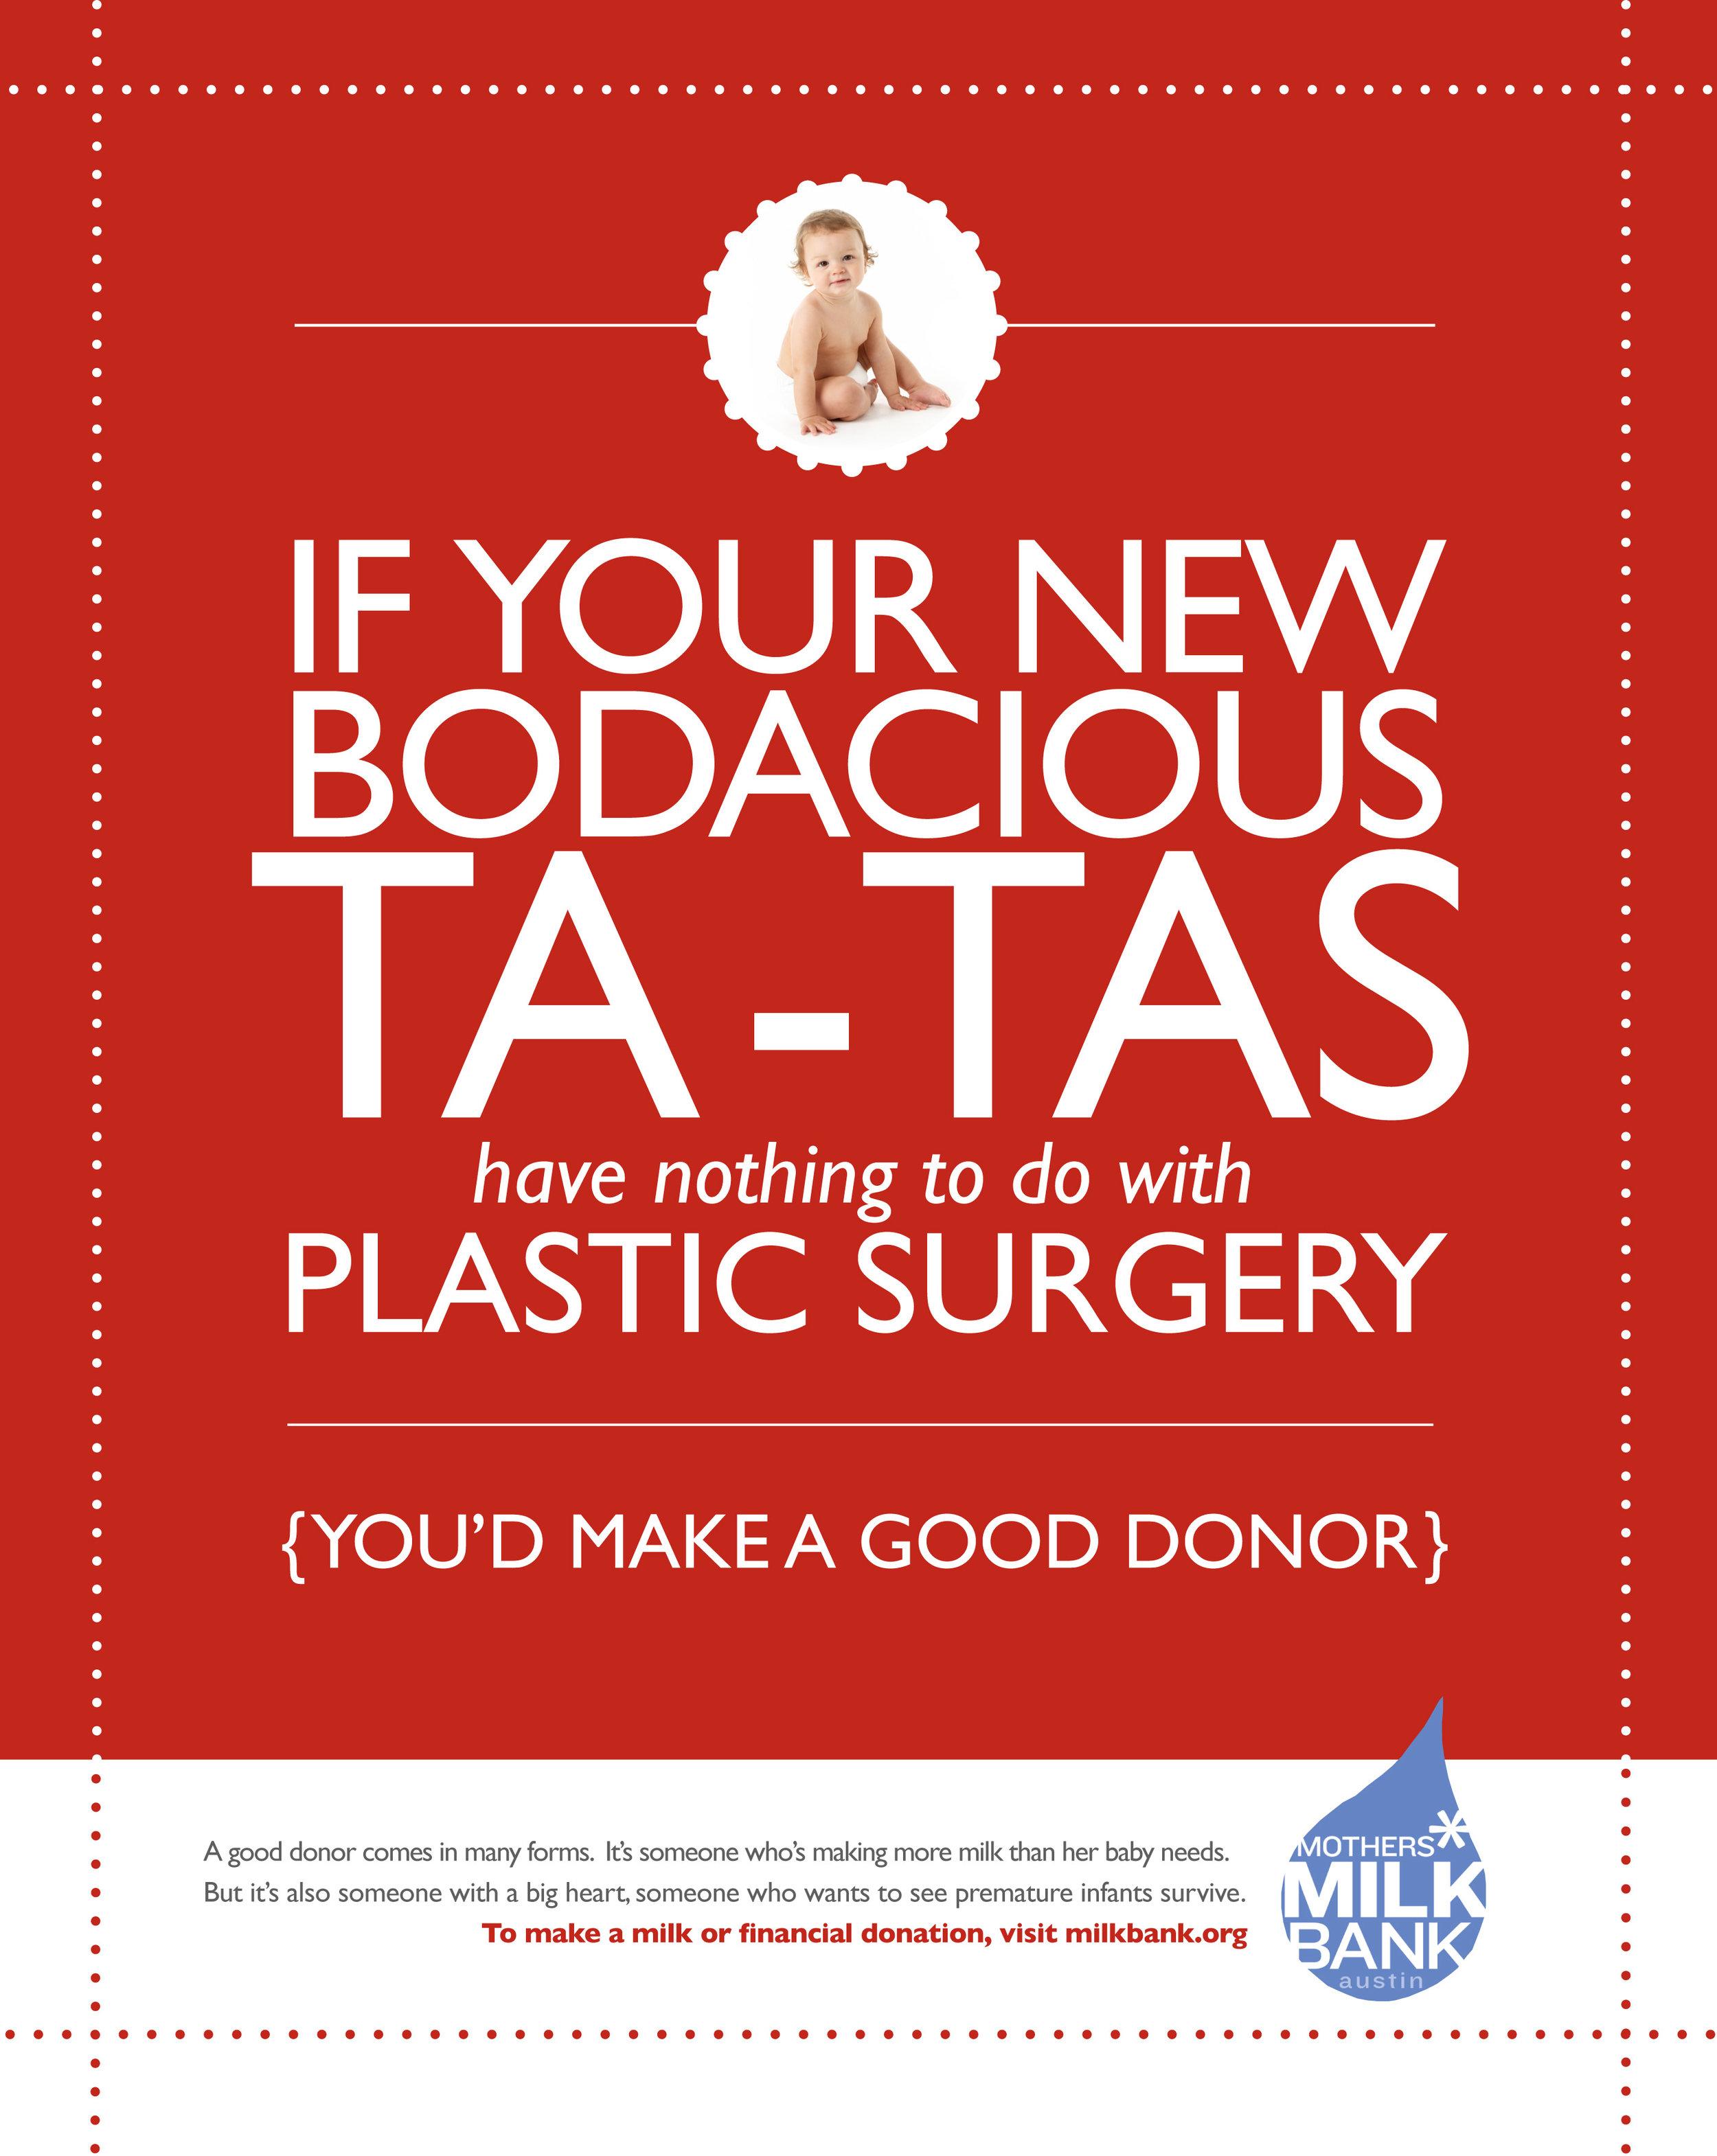 Bodacious TaTas.jpg